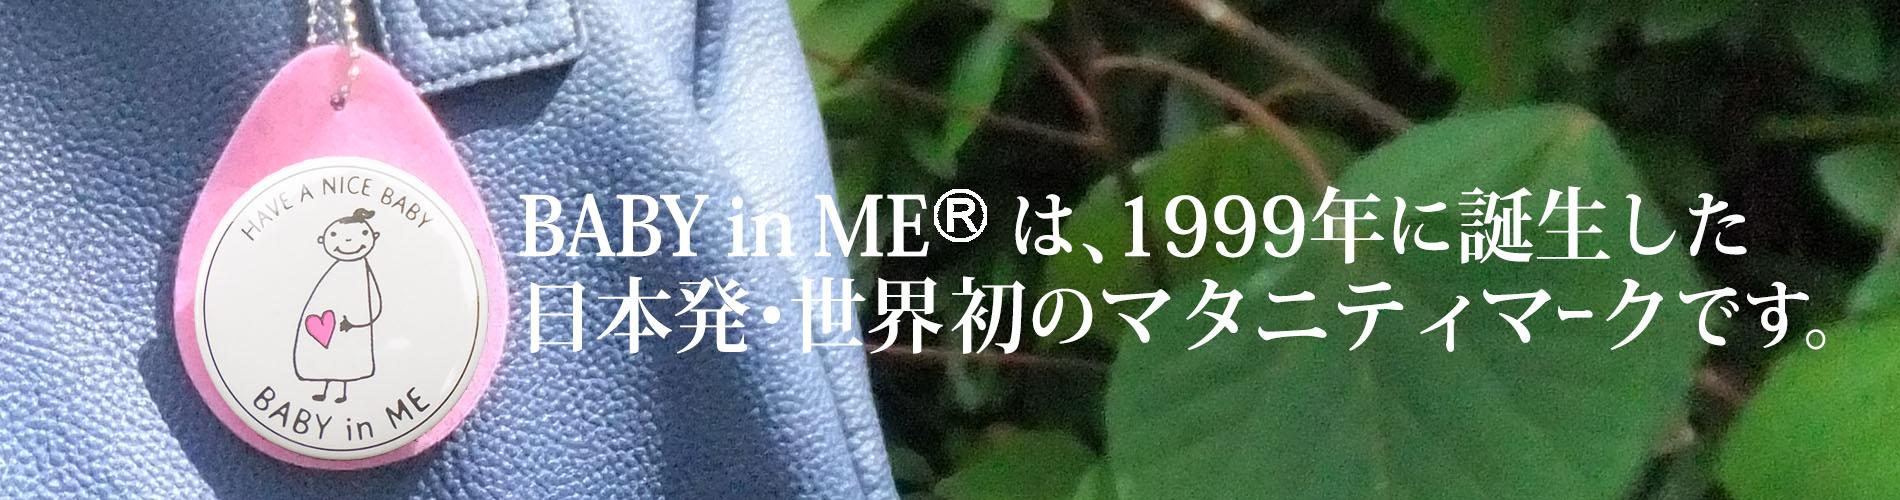 BABY in MEは、1999年に誕生した日本発・世界初のマタニティマークです。